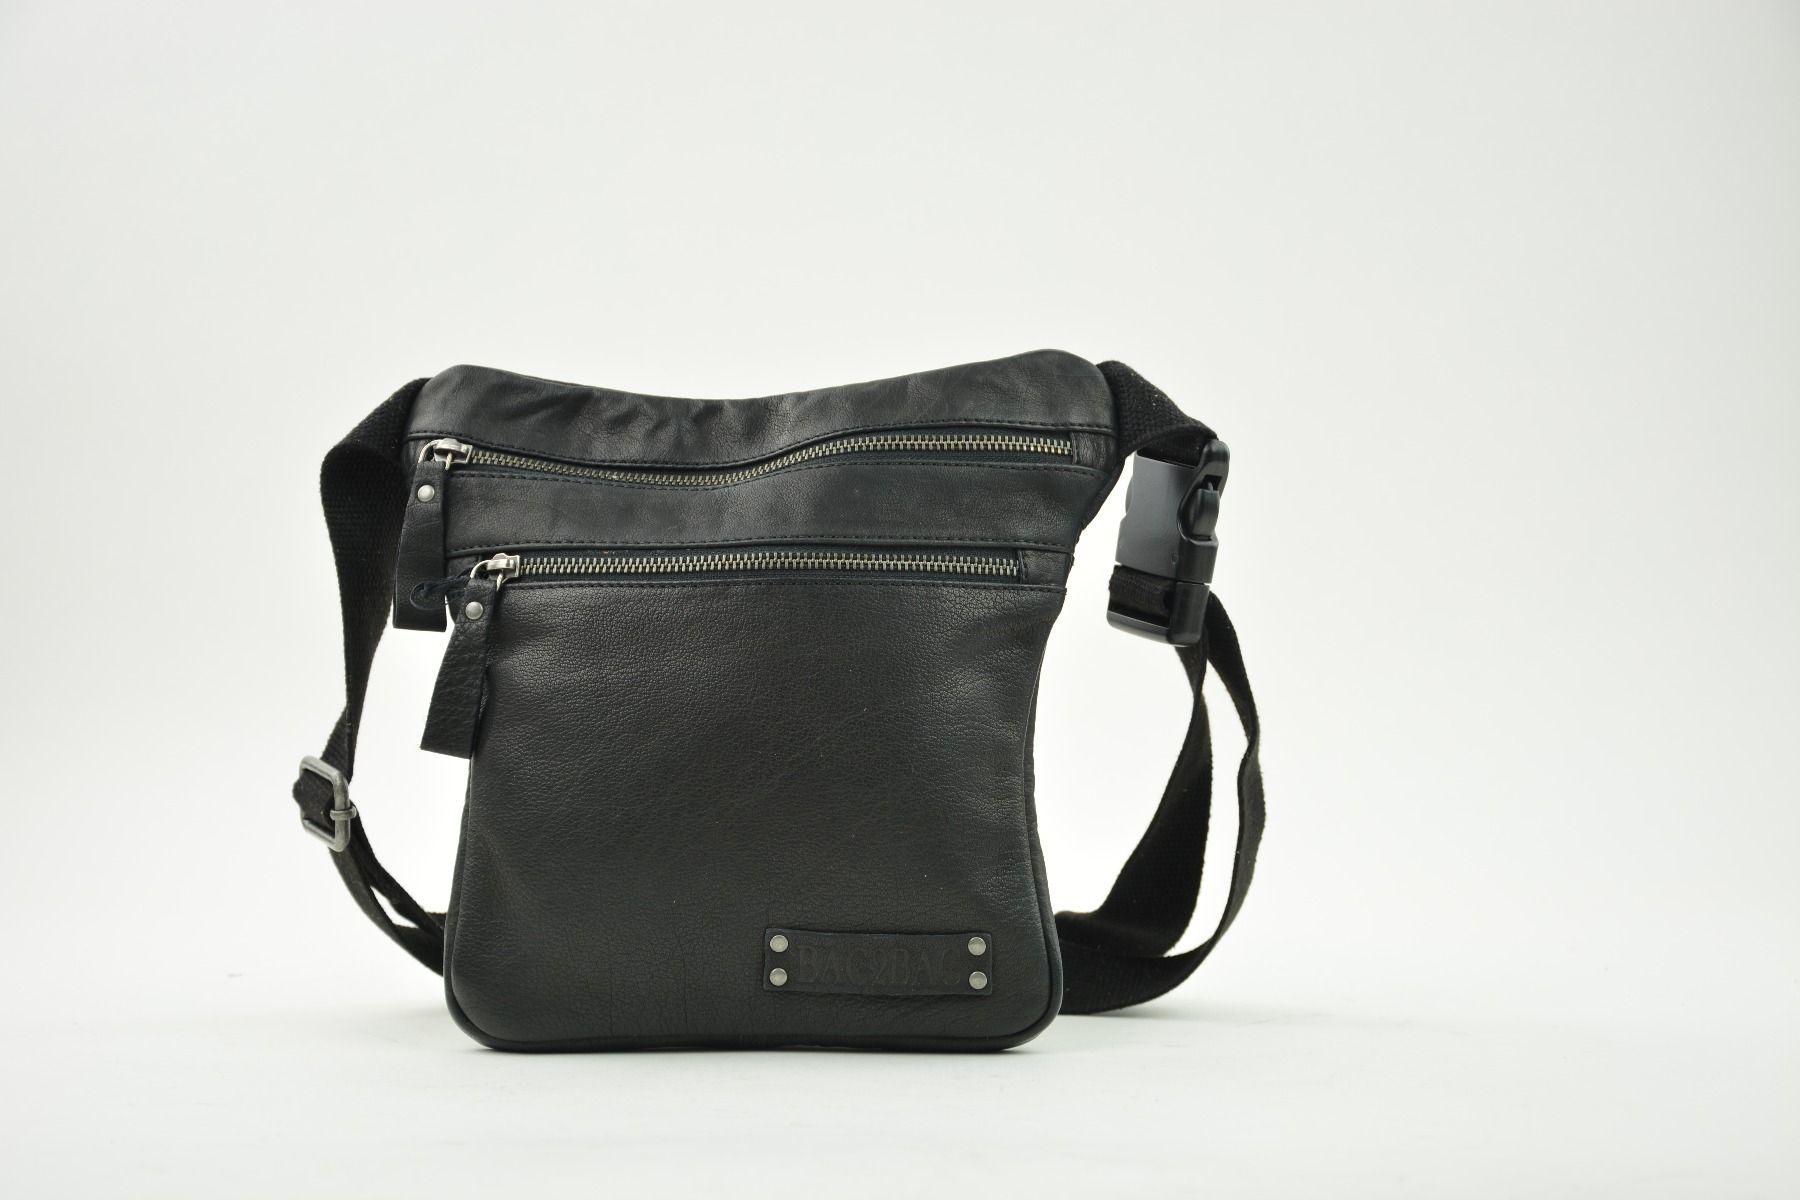 d2c754ebdfb FashionStash | Tepic Black - FashionStash